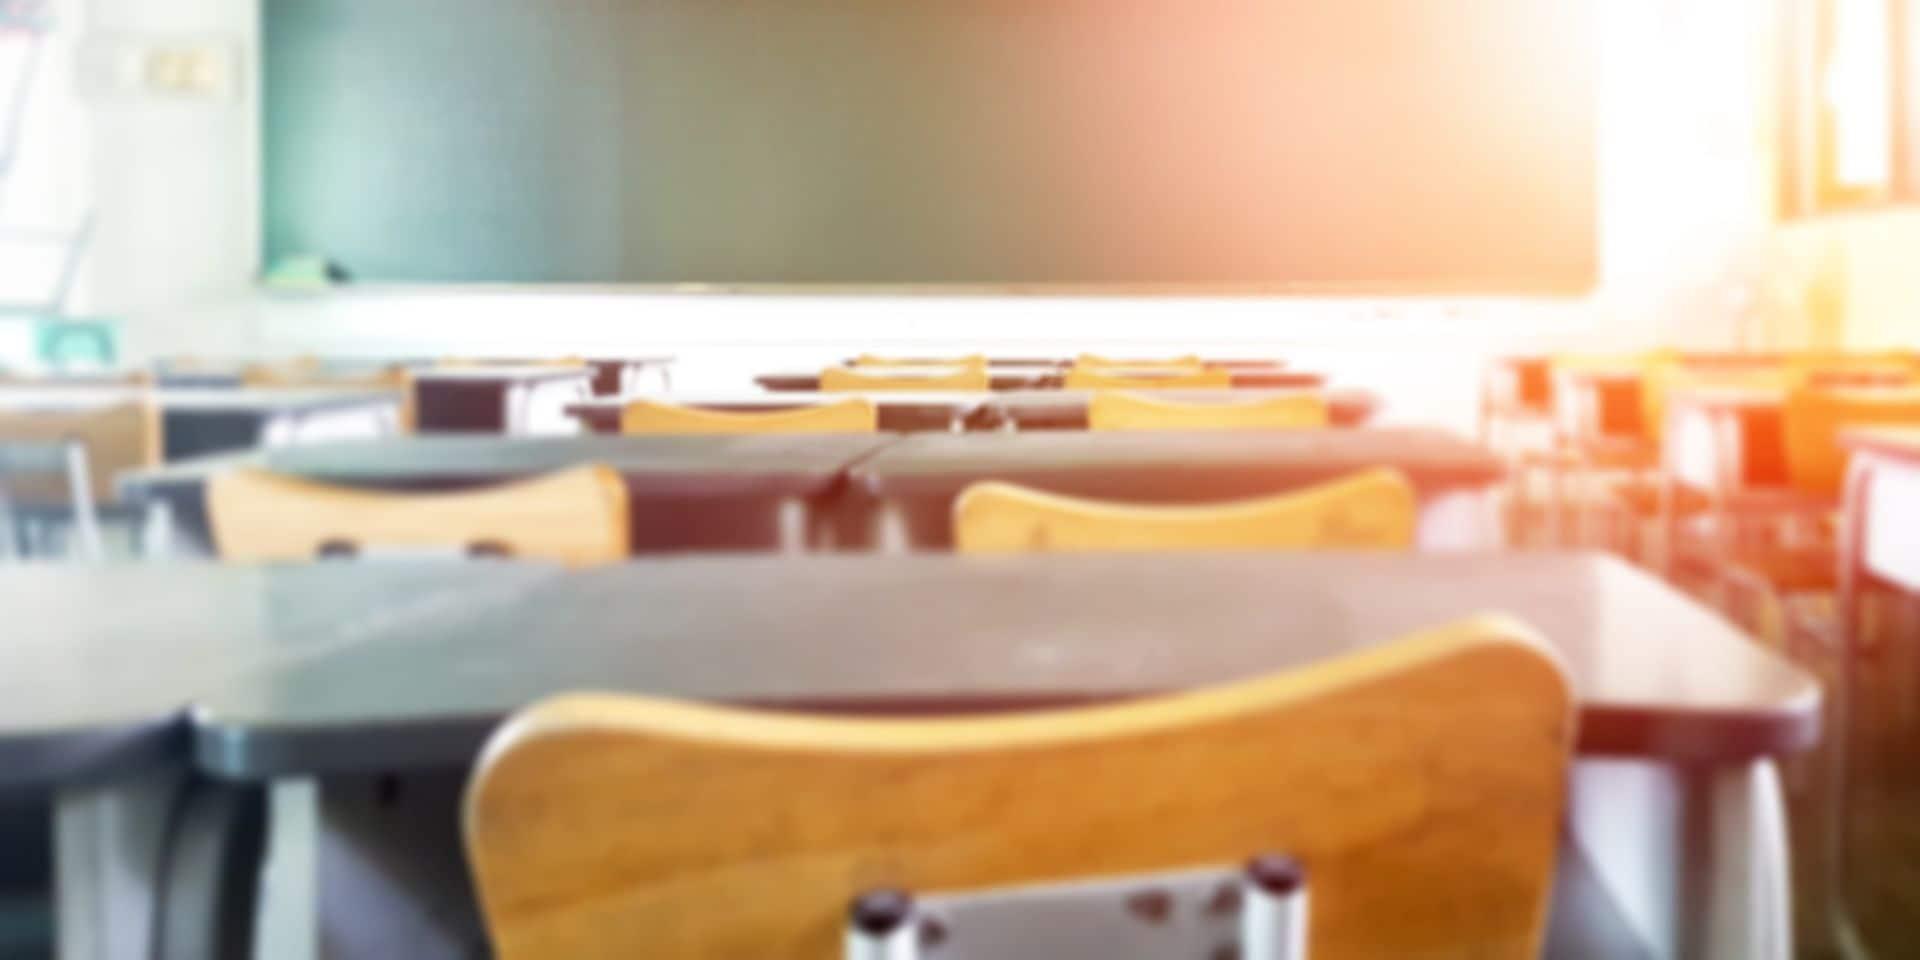 """Les écoles secondaires se préparent à redonner cours à distance : """"on est moins mal équipés qu'en mars, mais il ne faut pas rêver non plus"""""""